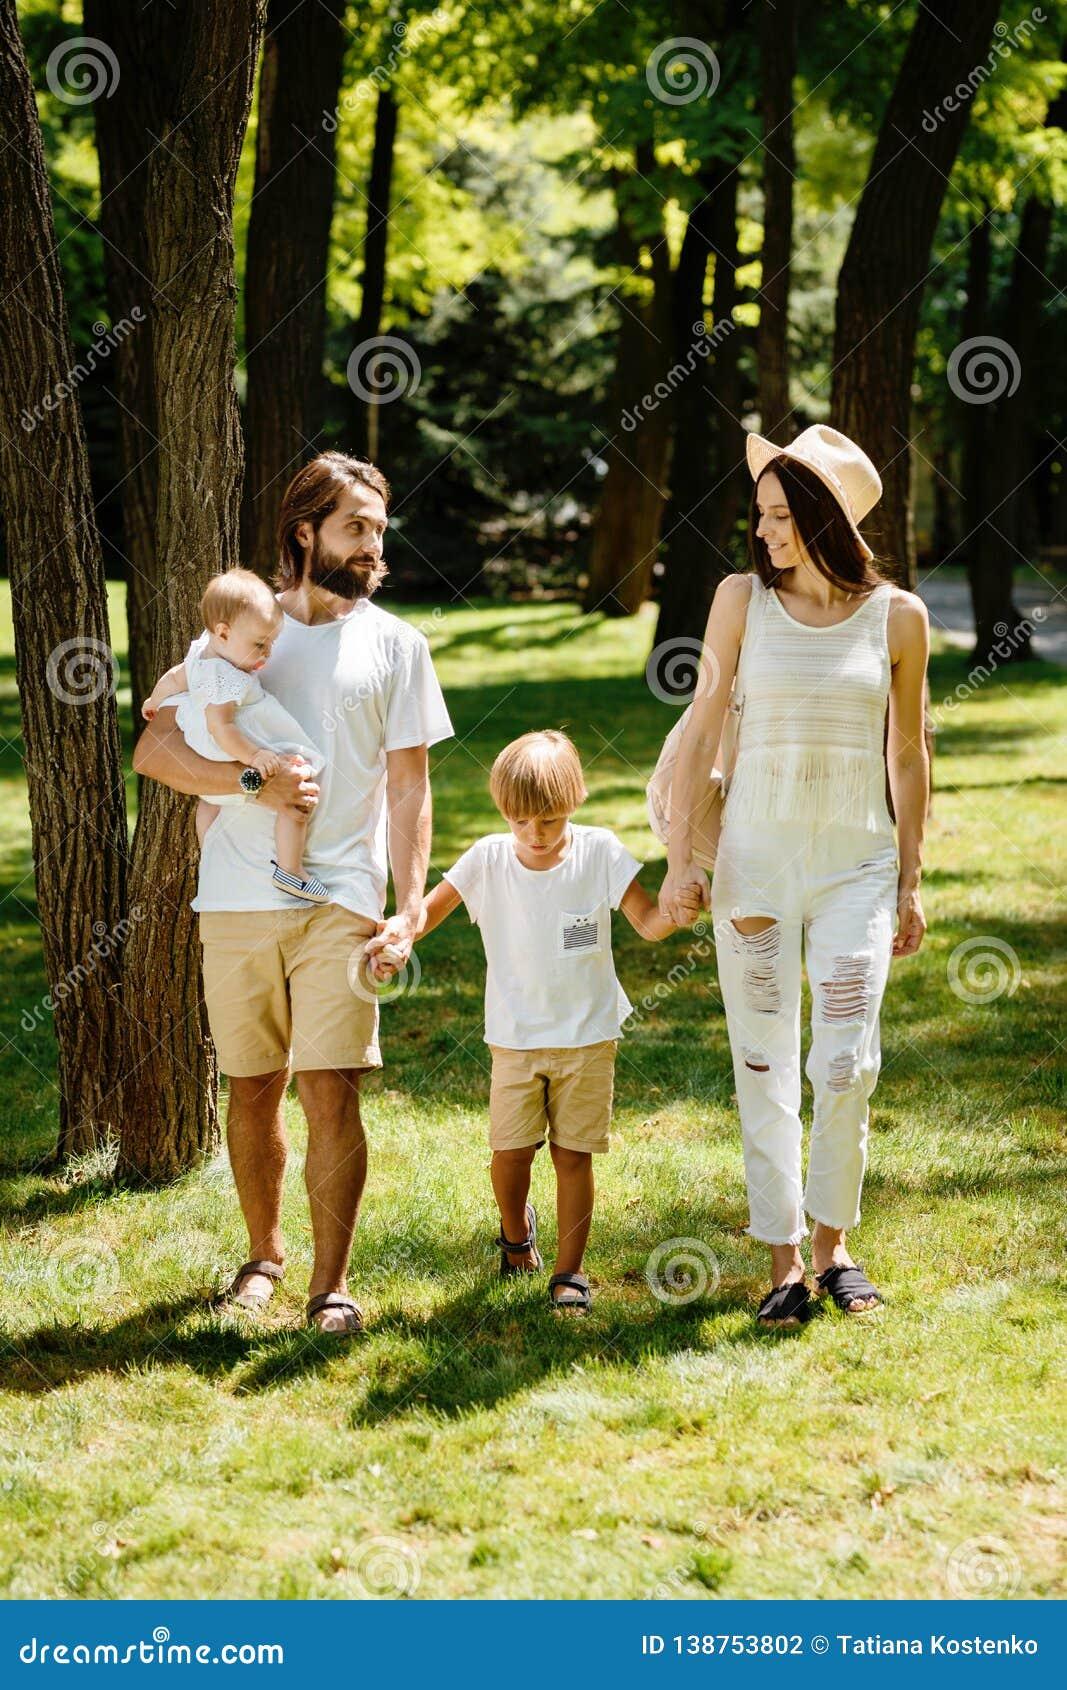 Η όμορφη γυναίκα φορά τα άσπρους ενδύματα και τους περιπάτους καπέλων με τον όμορφους πατέρα και τα παιδιά στο θαυμάσιο πάρκο στο